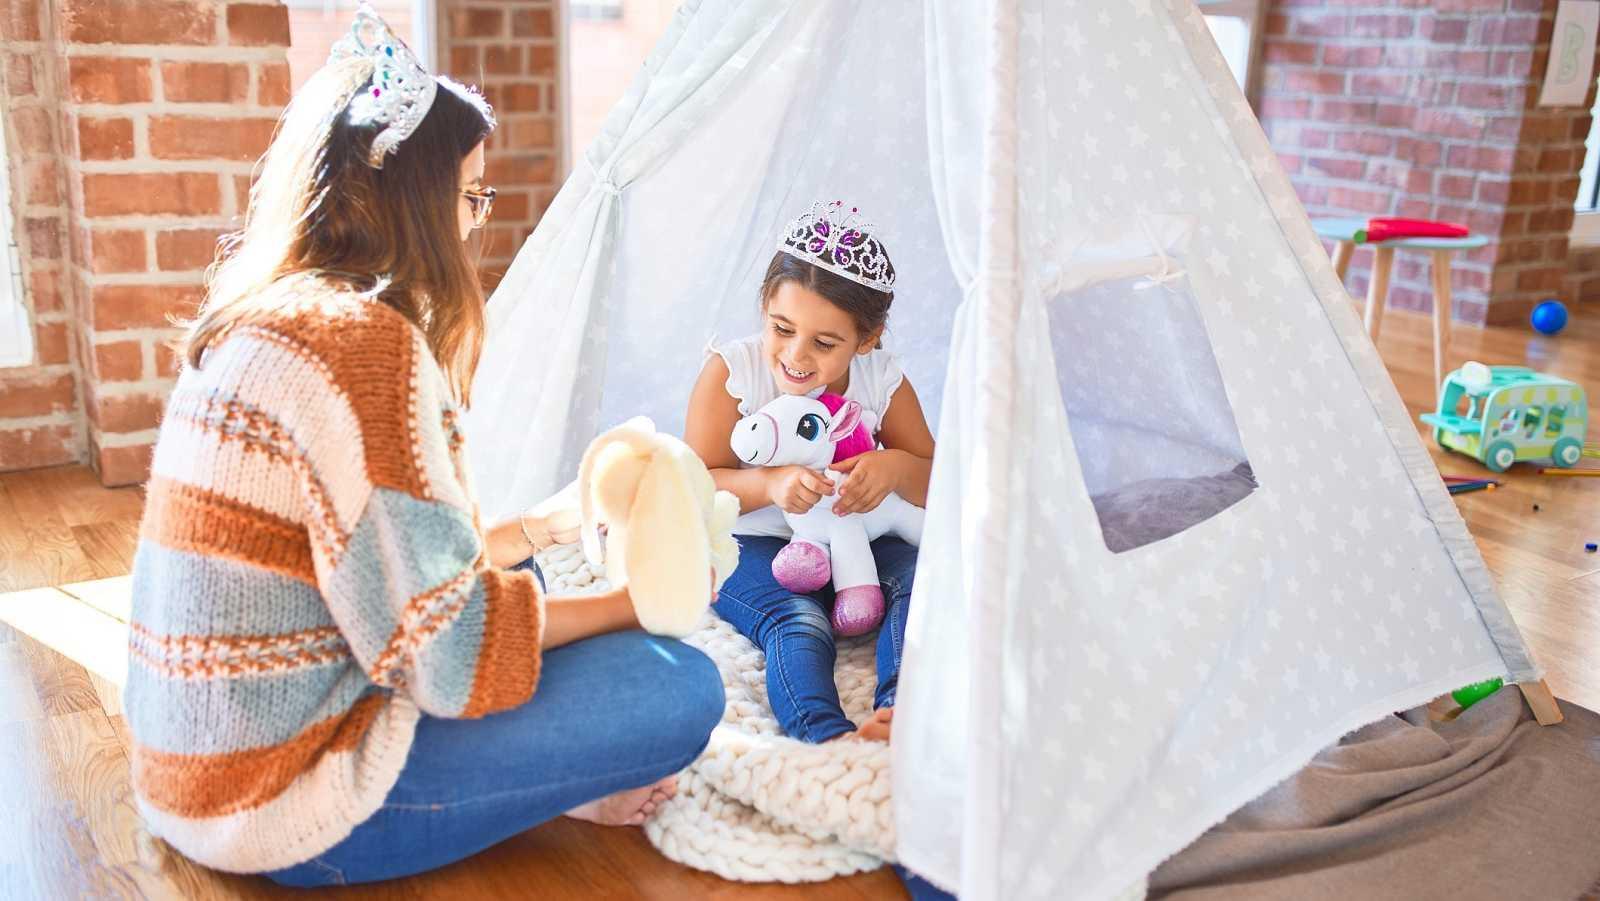 Una madre y su hija juegan en una tienda de campaña